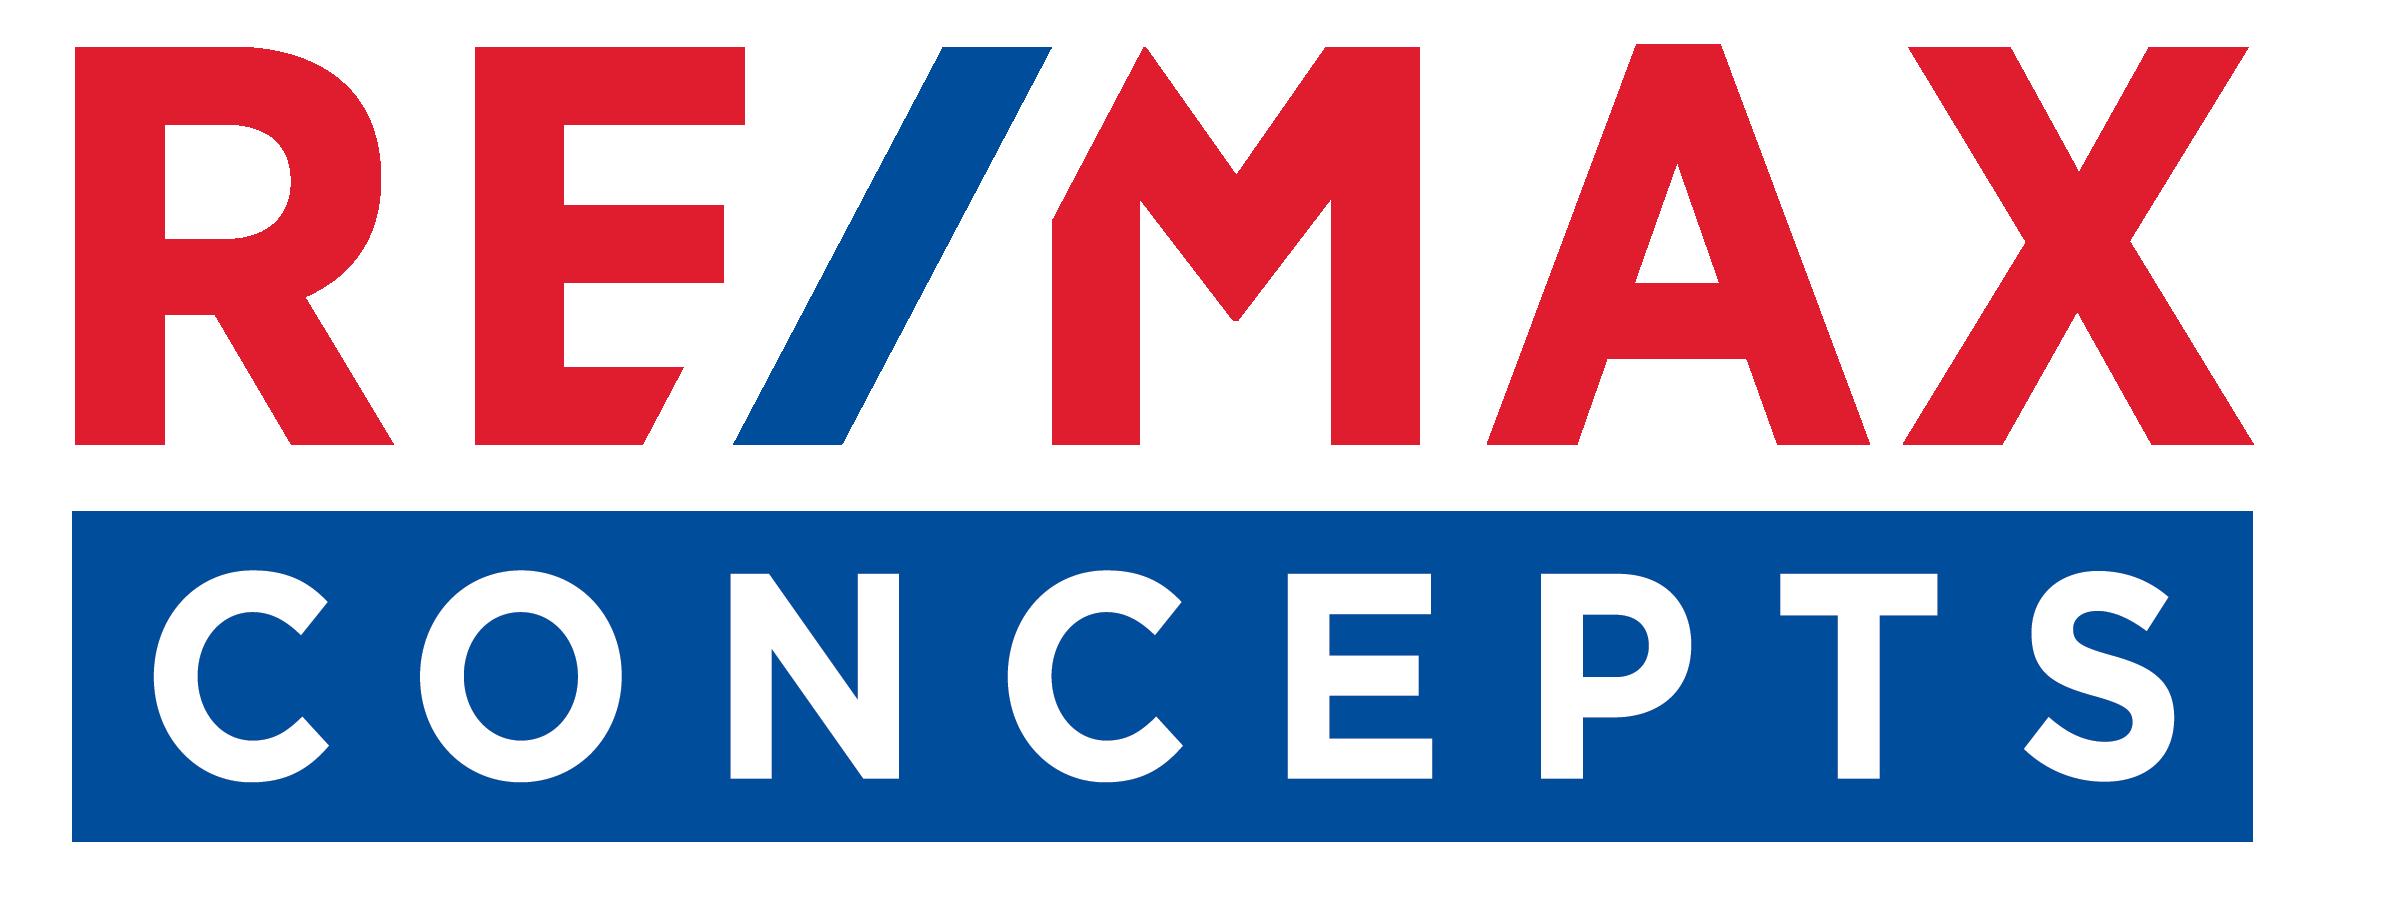 RE/MAX Concepts logo